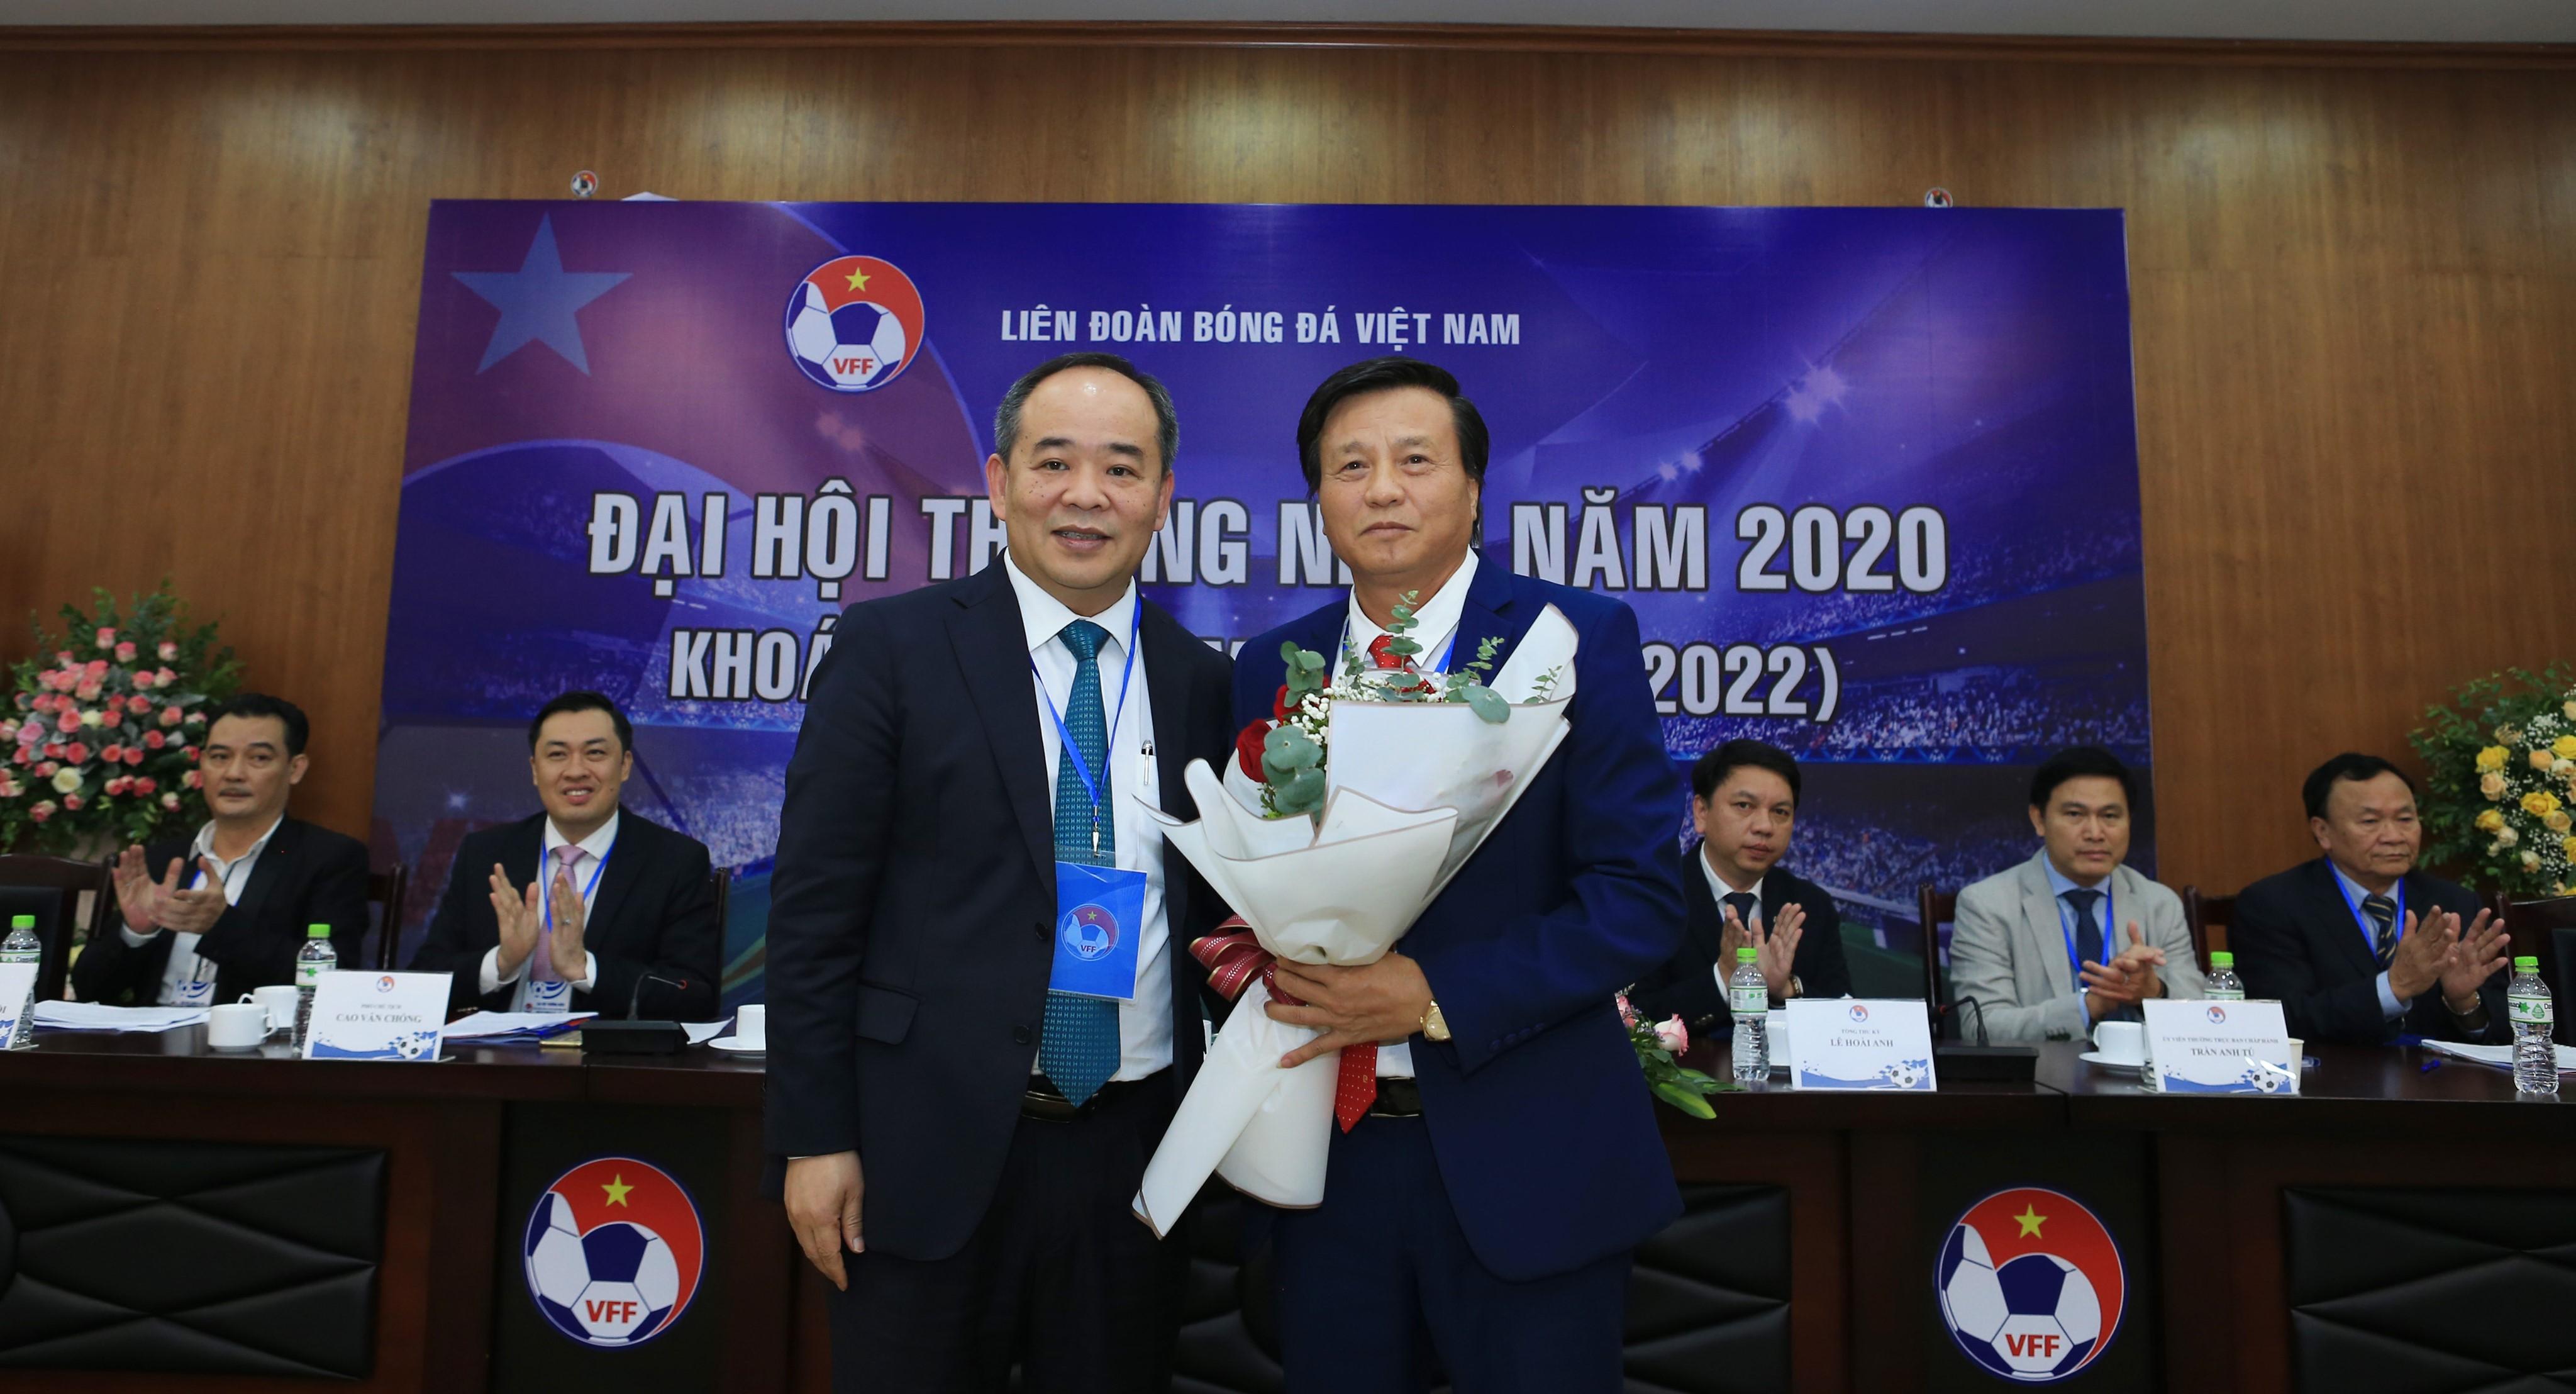 Tân Phó Chủ tịch phụ trách Tài chính và Vận động tài trợ - Lê Văn Thành (phải) tự tin sẽ giúp bóng đá Việt Nam có thêm những nguồn thu từ bóng đá - Ảnh: Đức Cường